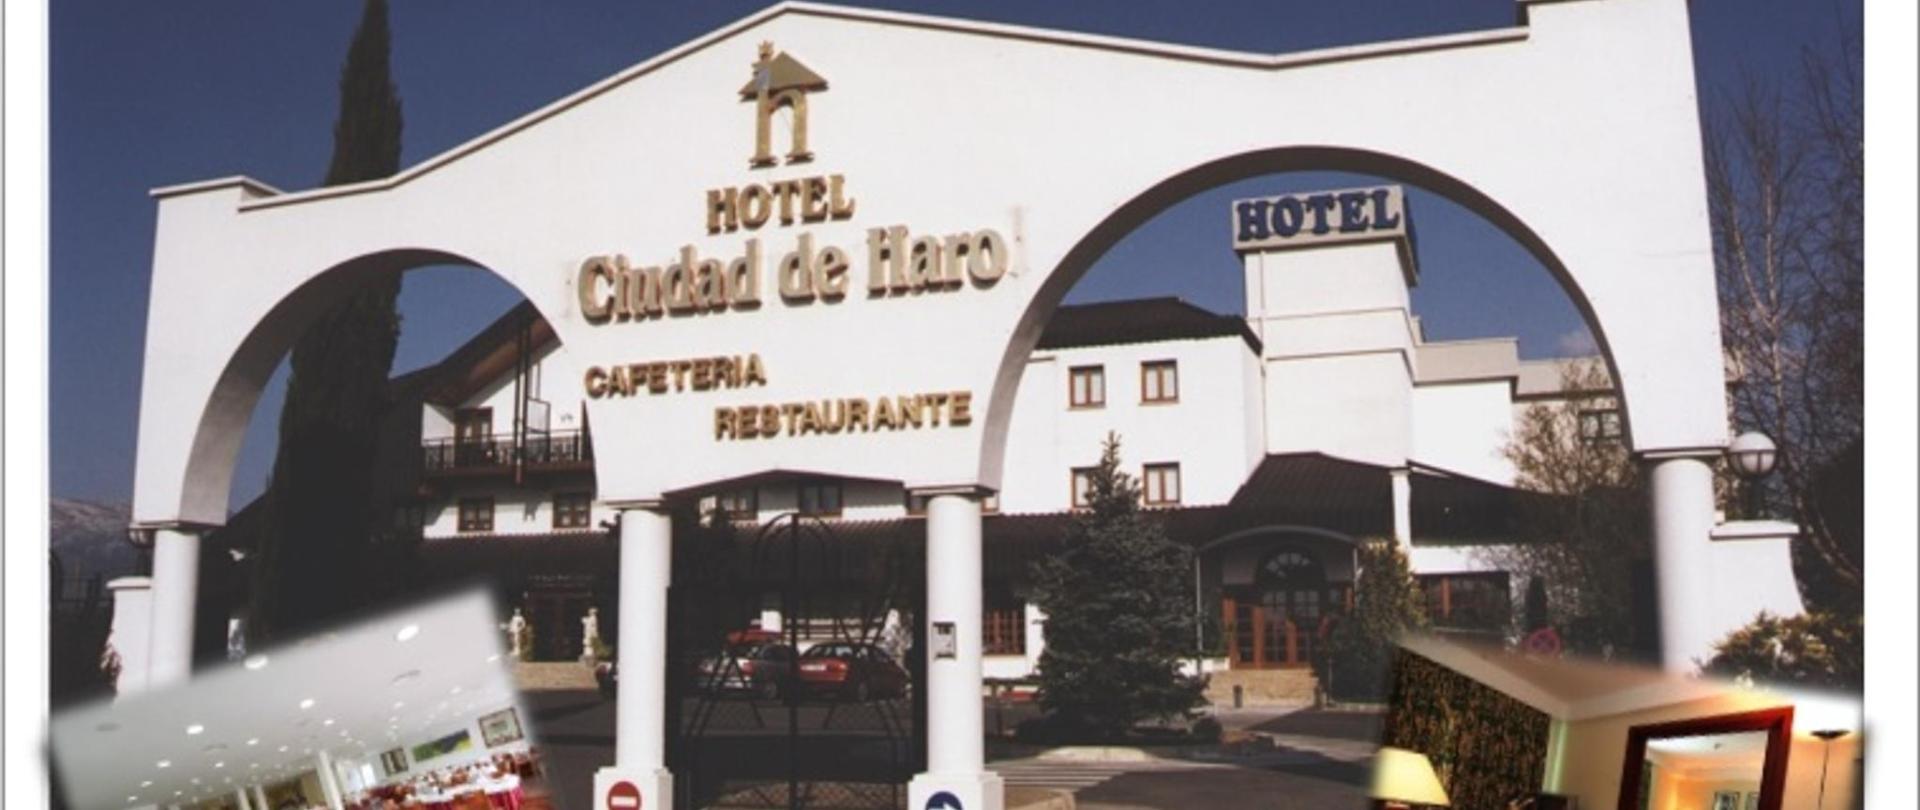 Hotel_Ciudad_Haro.jpg